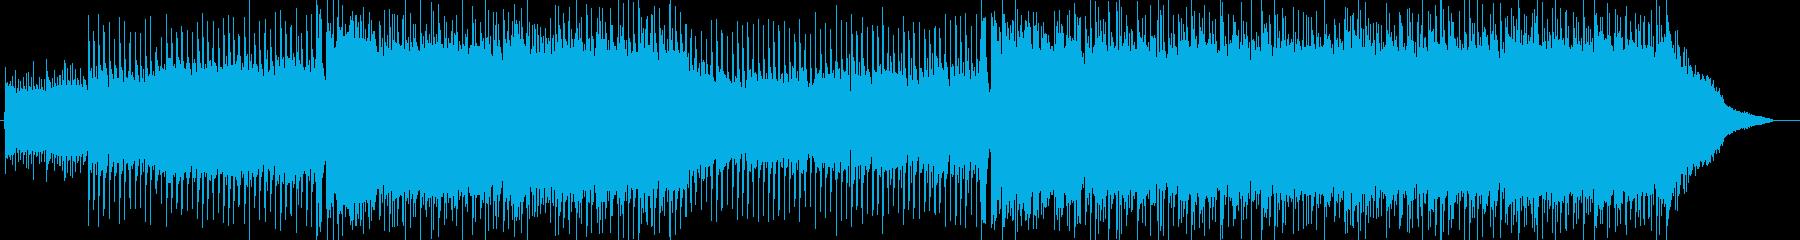 疾走感あふれる邦ロックチューンの再生済みの波形